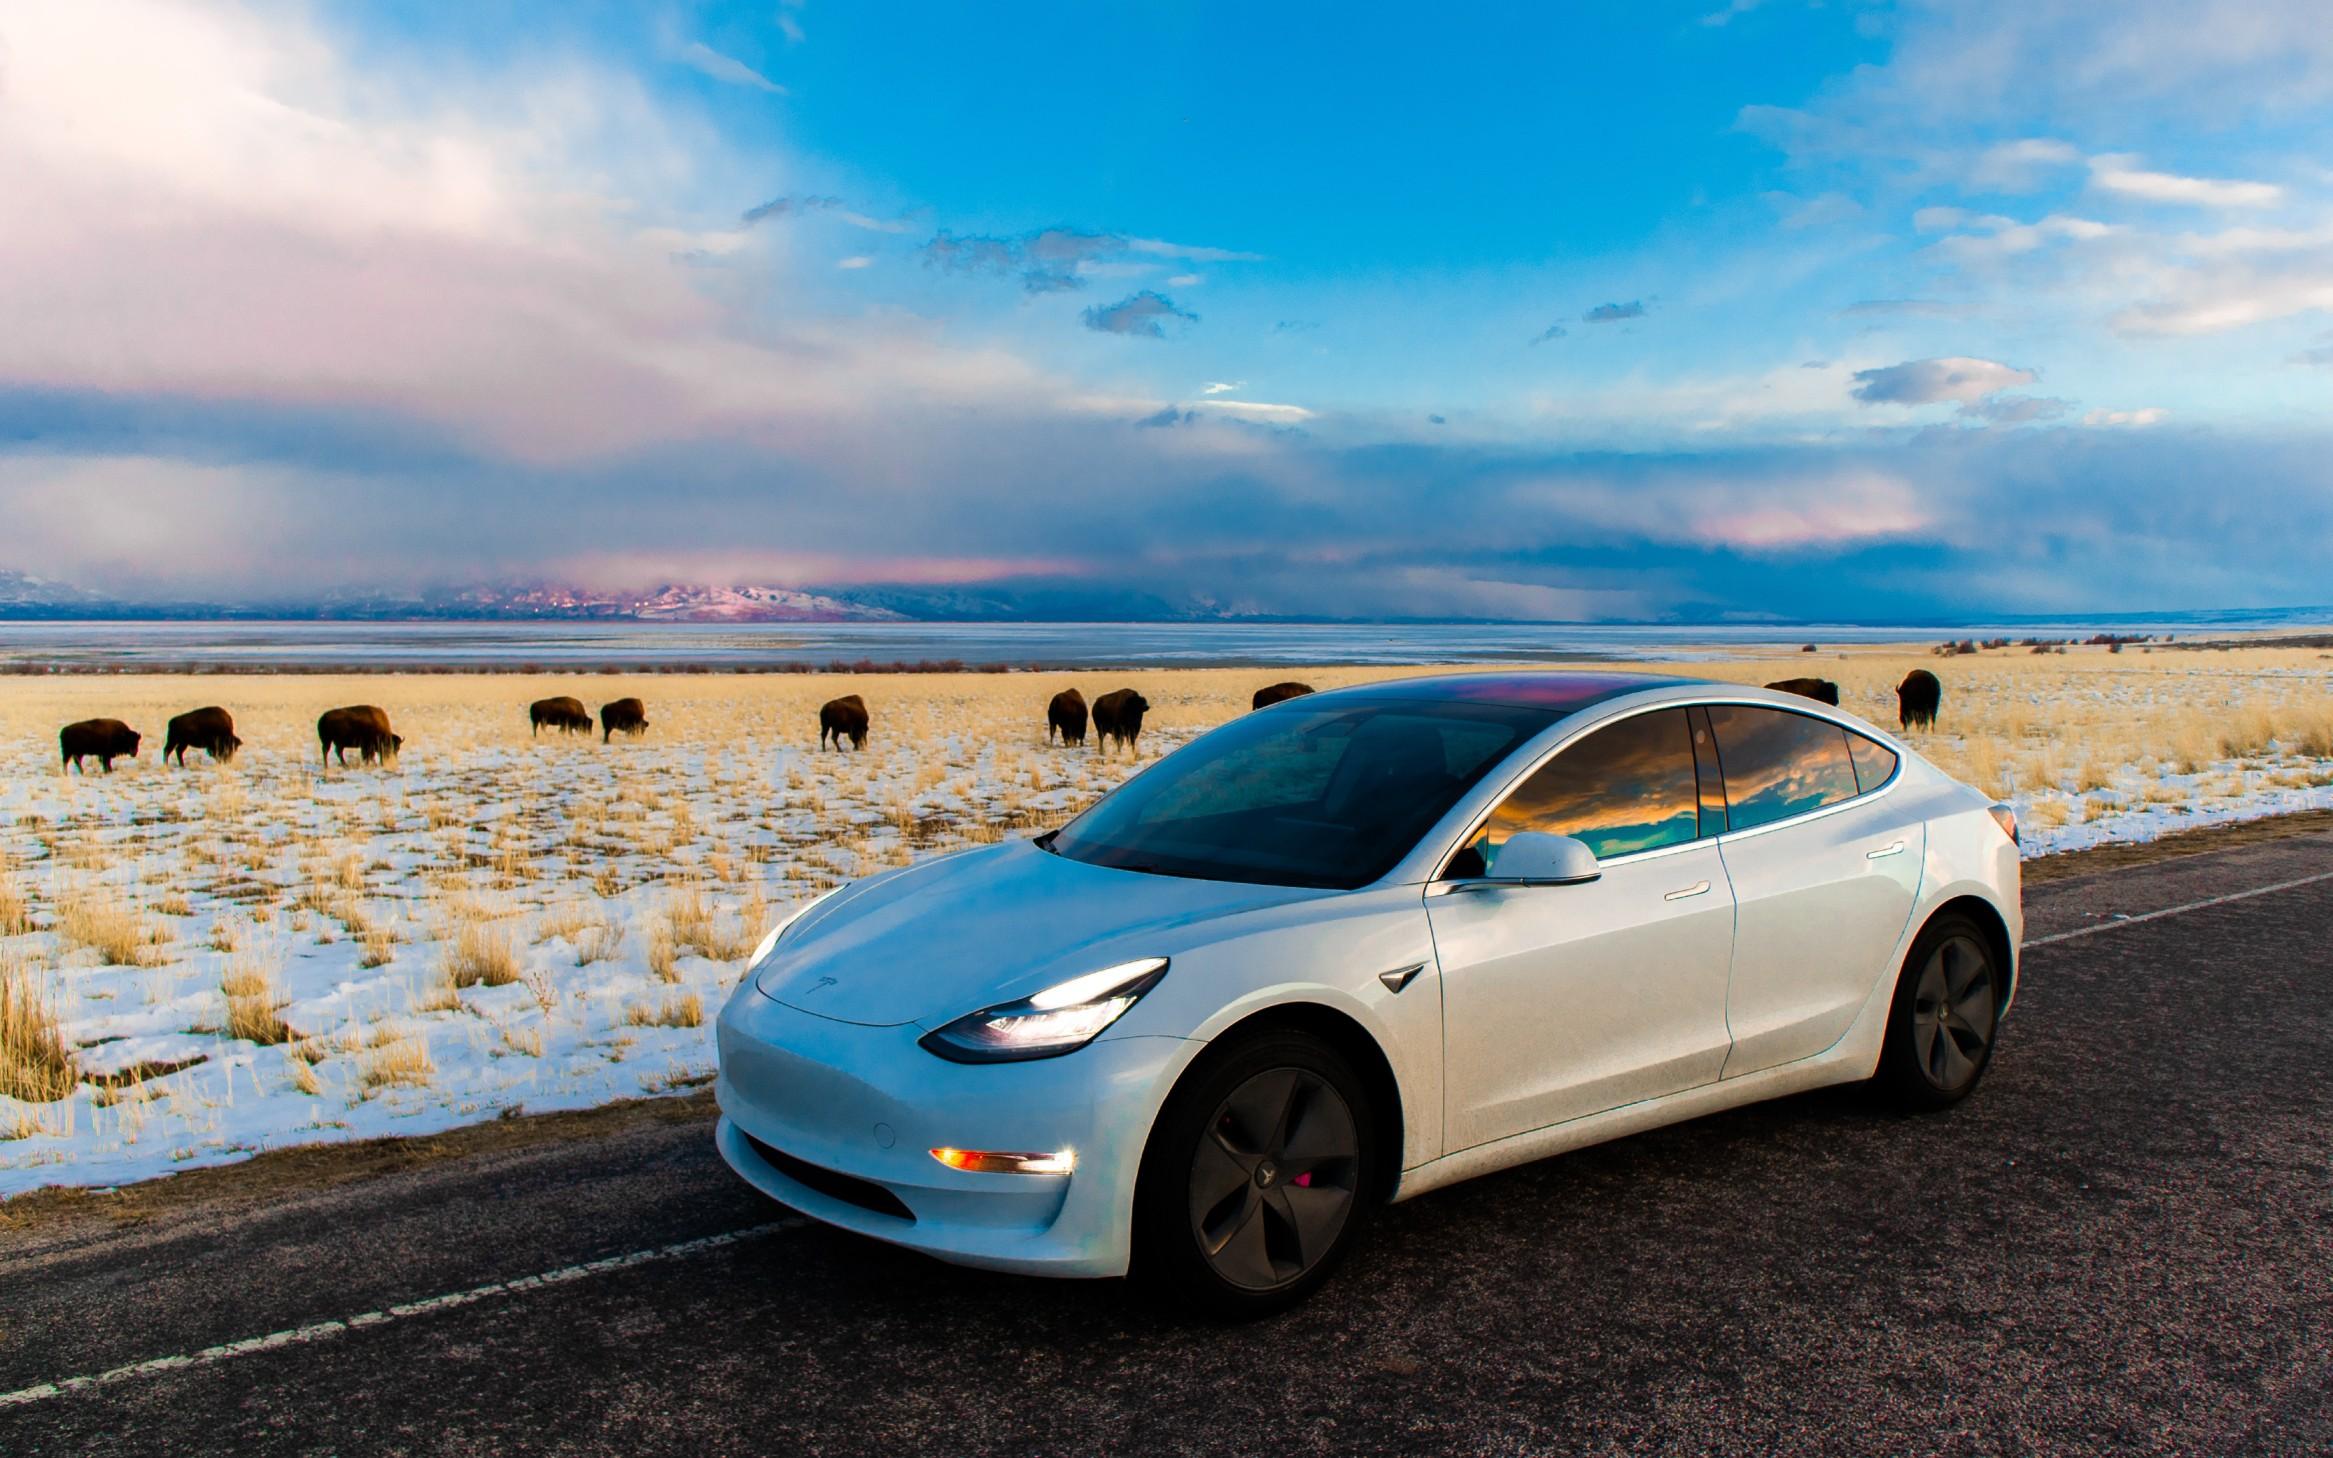 这家CSE公司为全球电池市场带来革命性变革,背后推动者是谁?  Electric Vehicle Batteries Technology (CSE:ACDC)